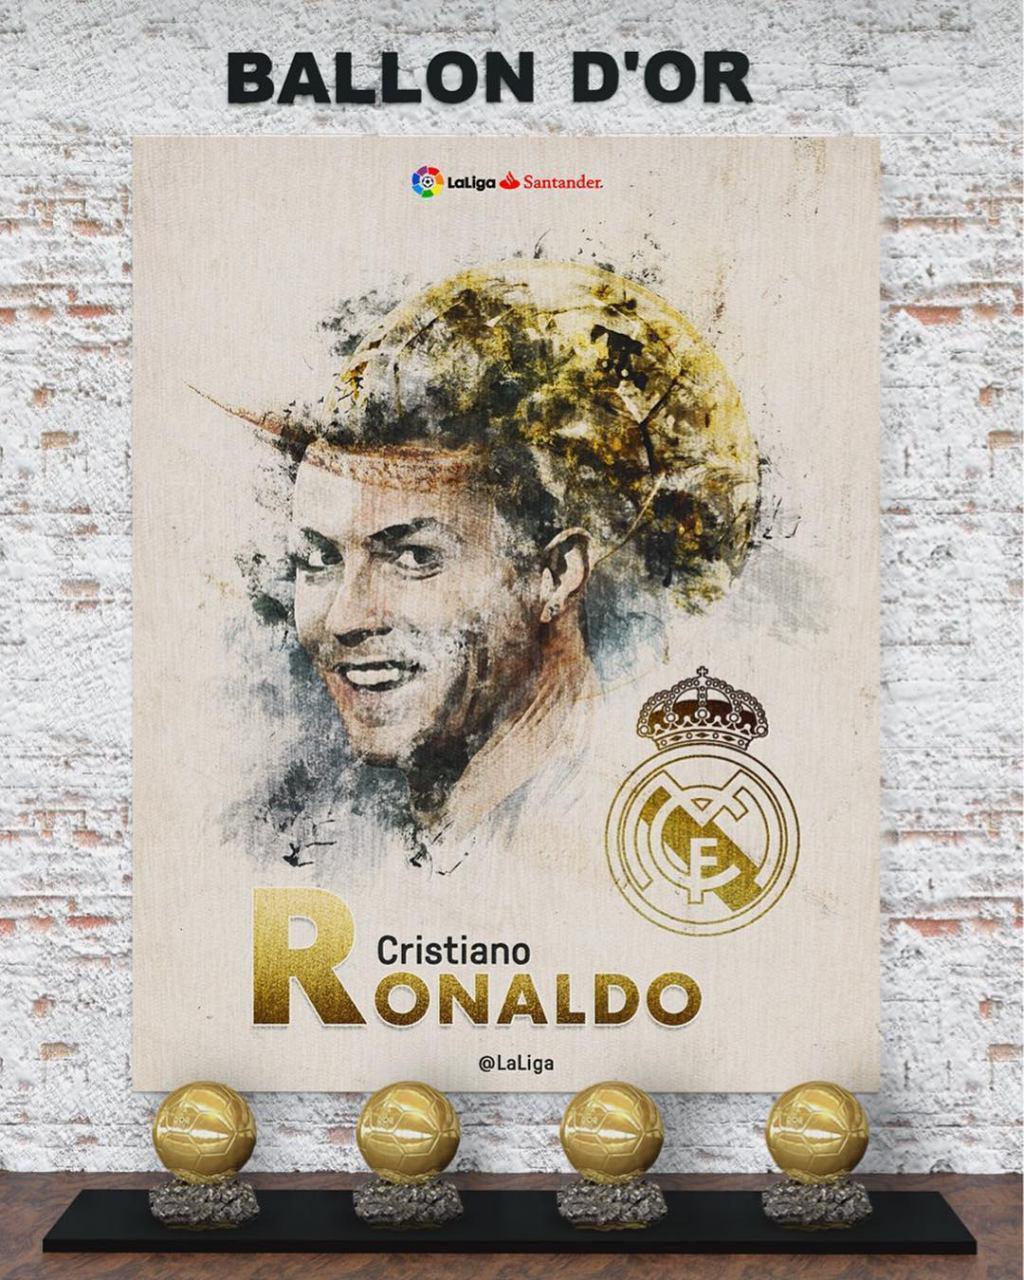 توپ طلا برای چهارمین بار به رونالدو رسید